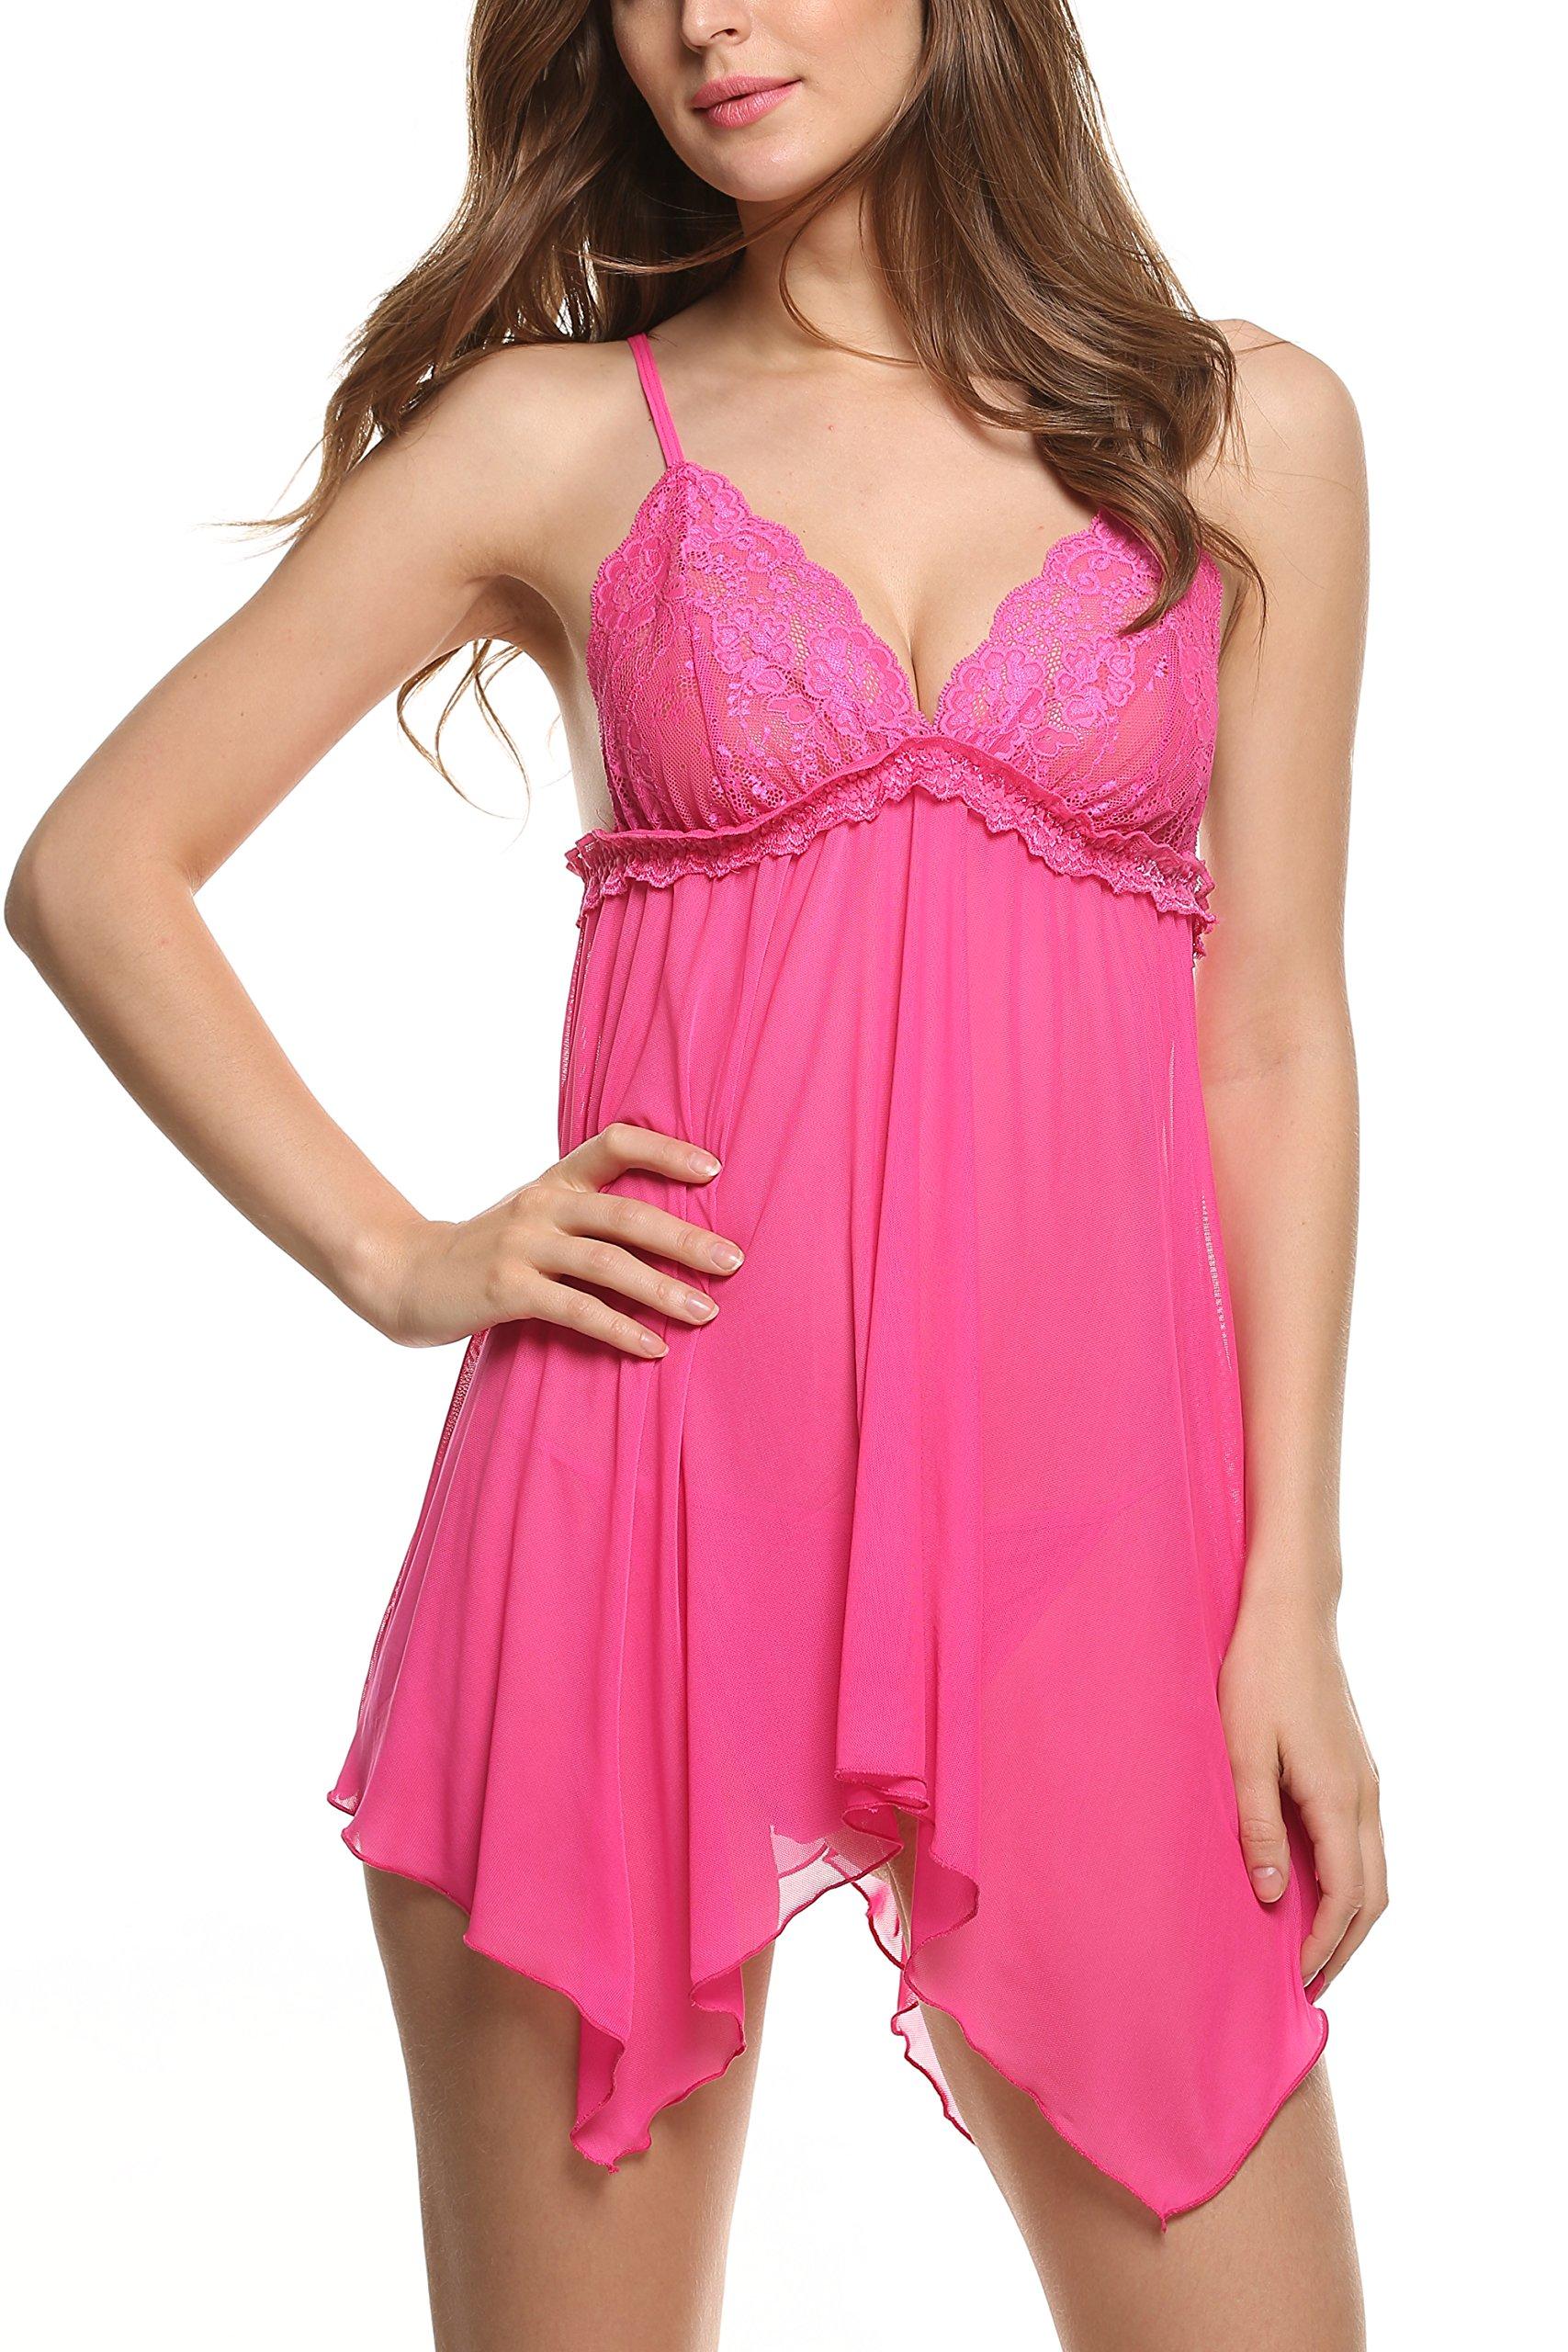 Avidlove irregolari attraverso Sexy, lunghezza vestito e vari Halter, Lingerie Chemise Style2-Rose